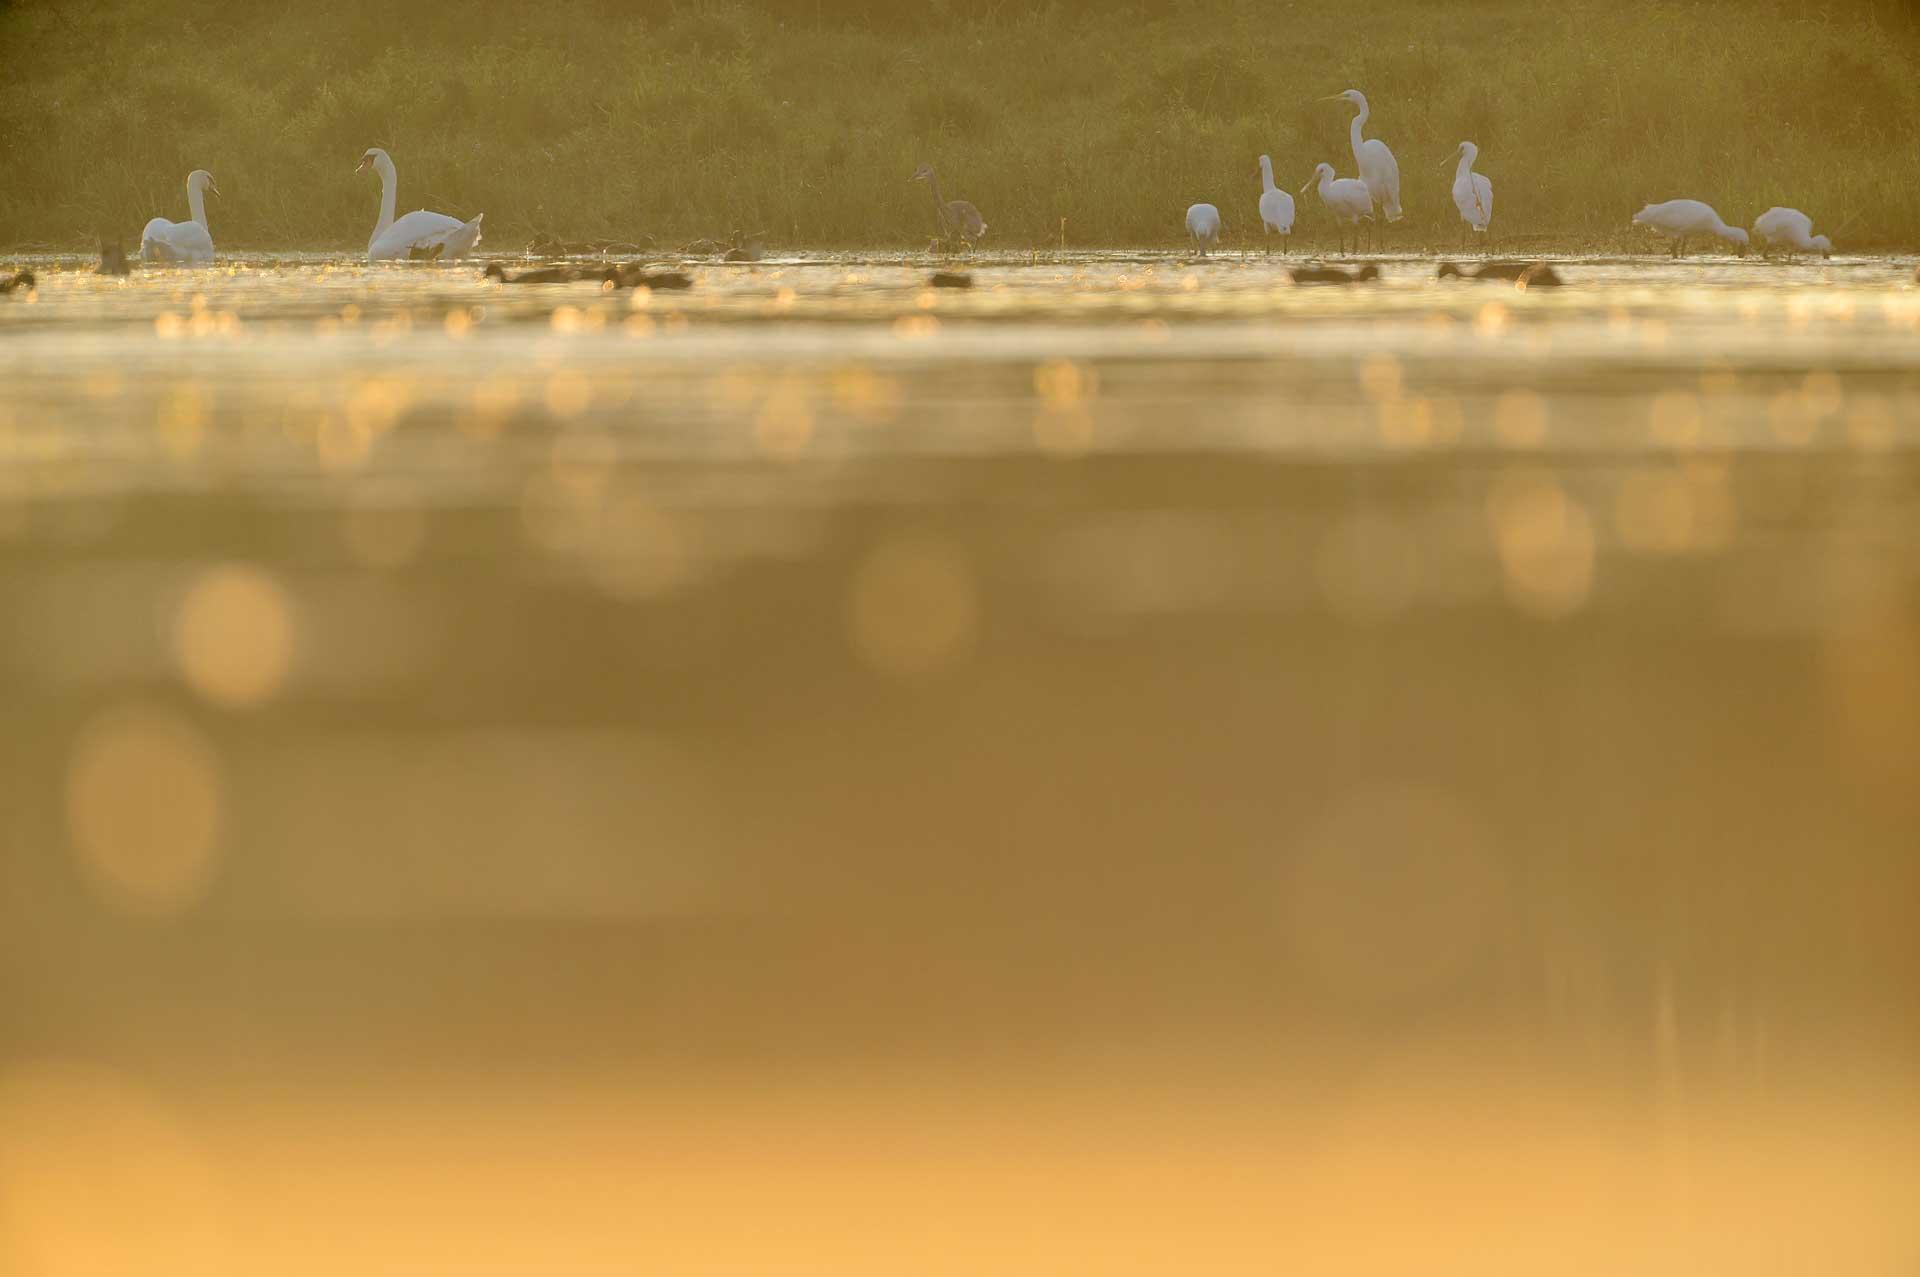 Vogels in de vroege ochtend in de Blauwe Kamer